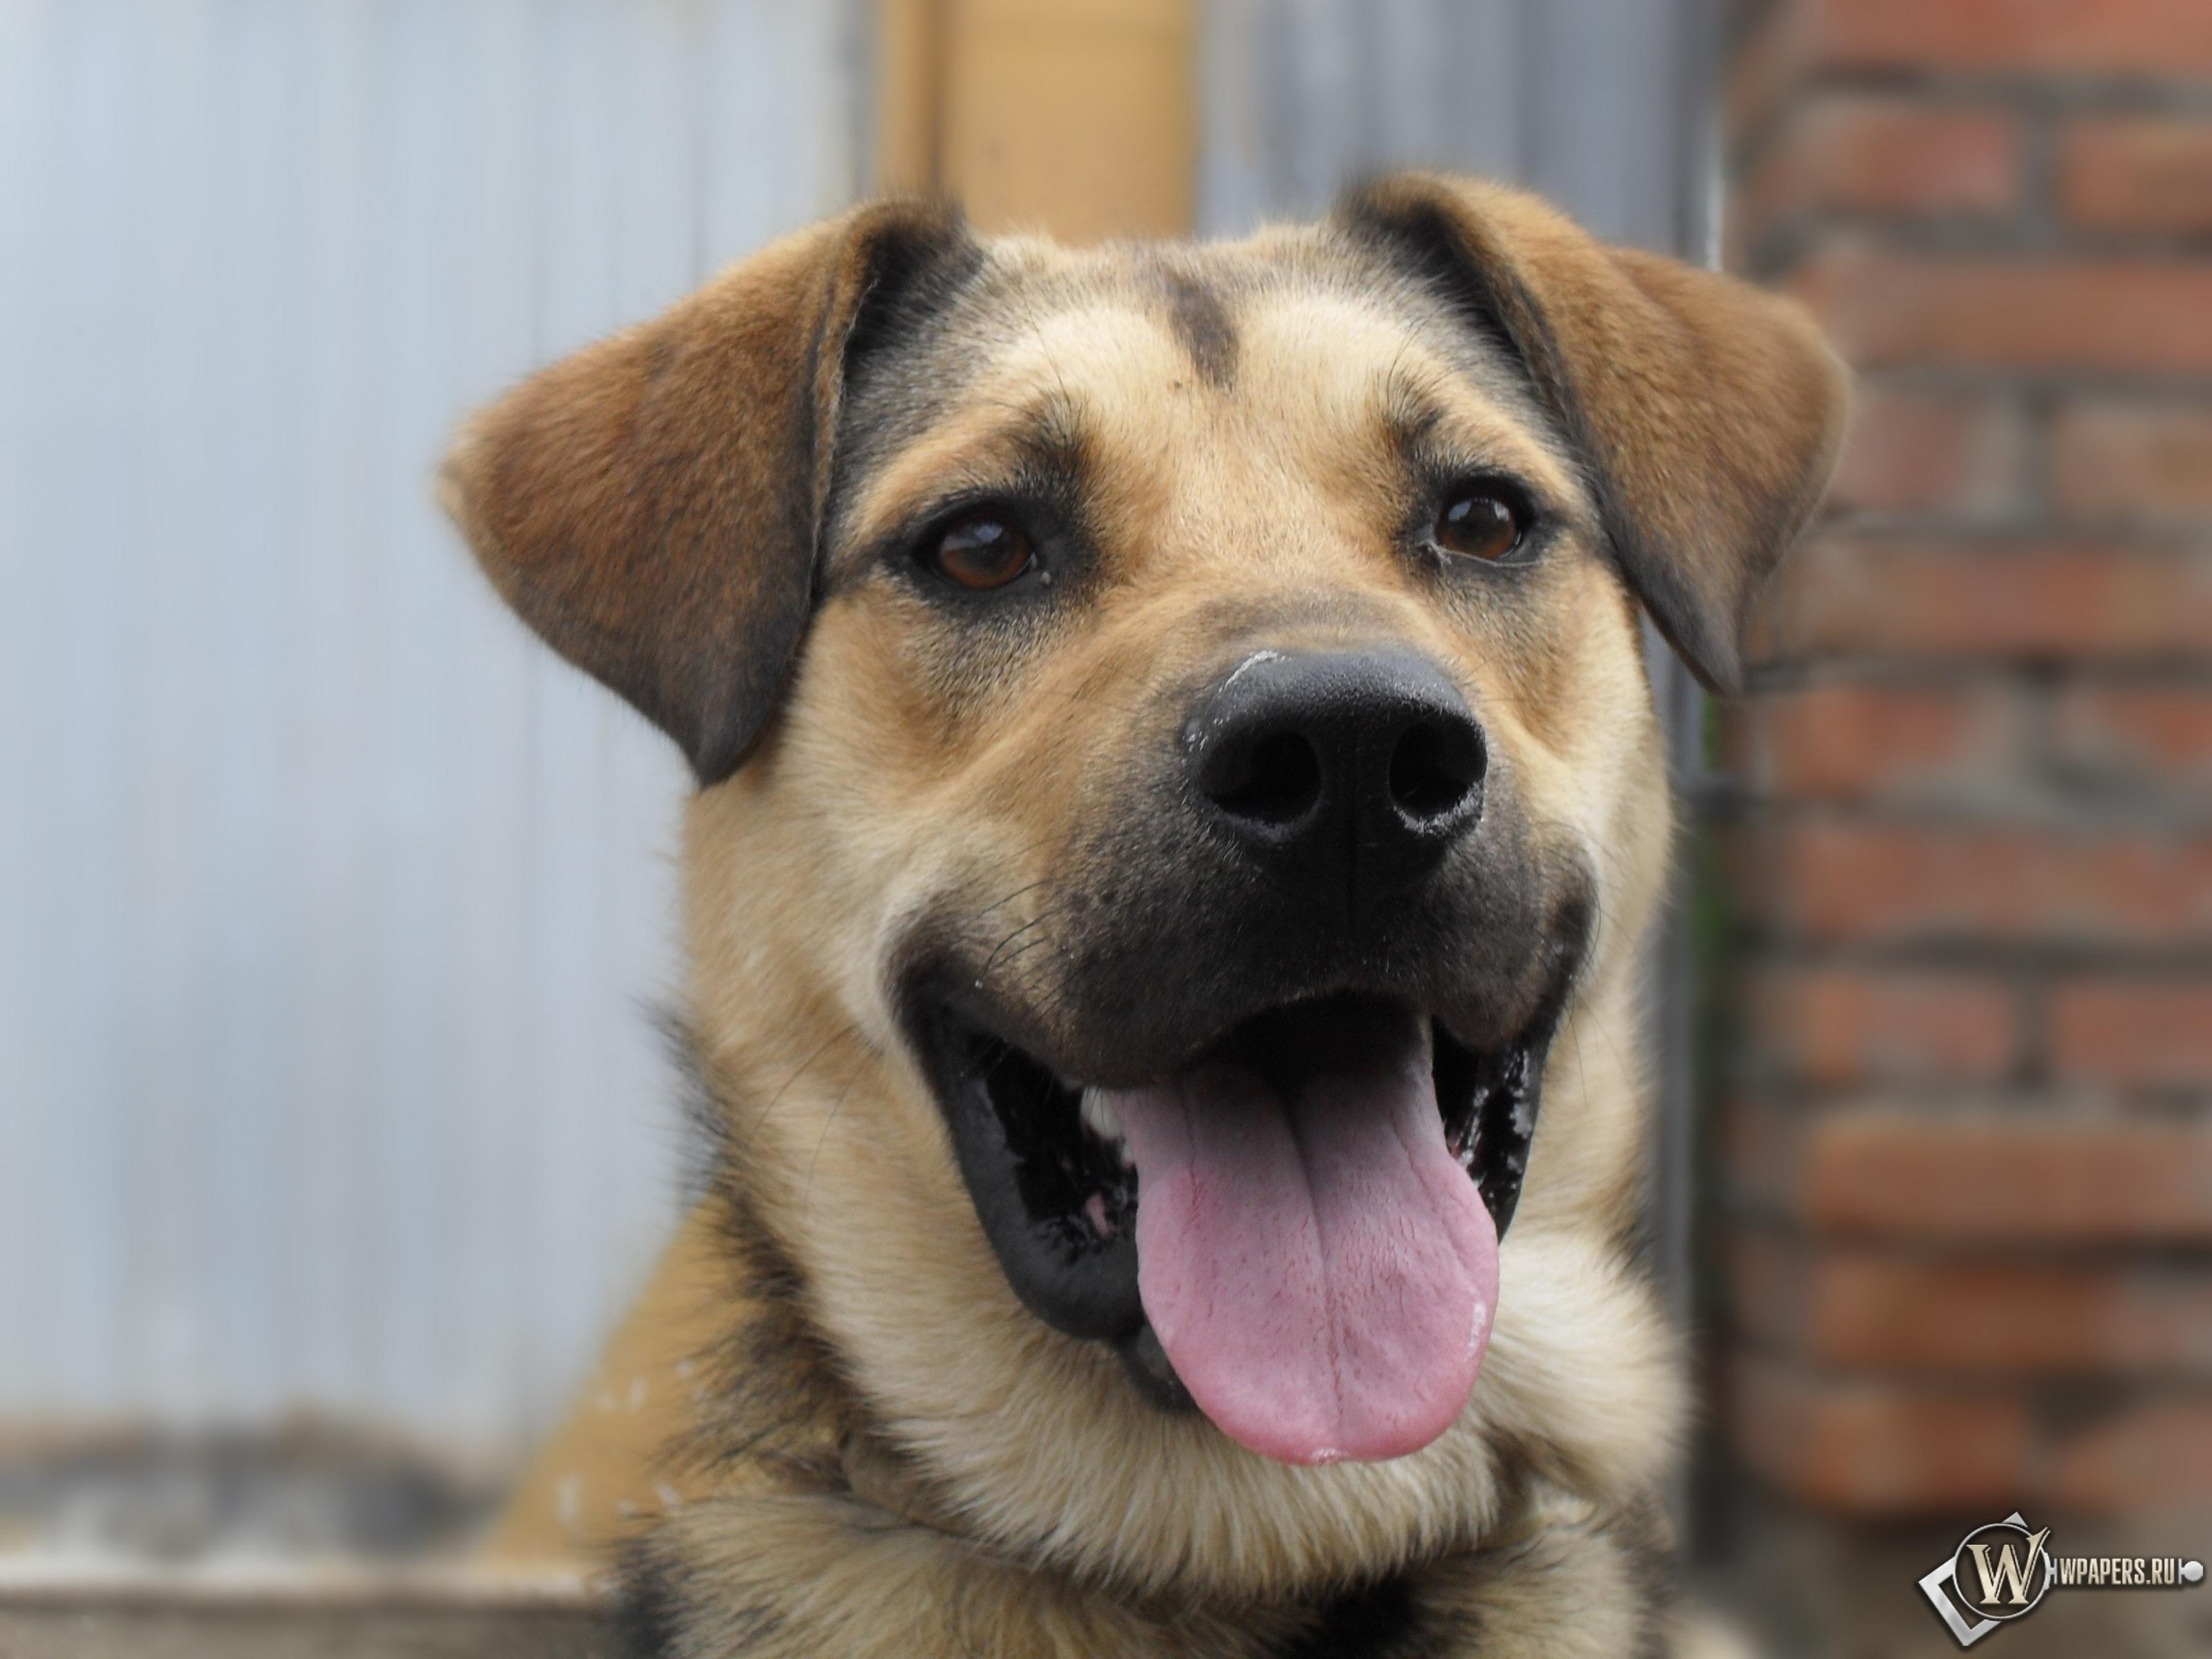 My love dog 3200x2400